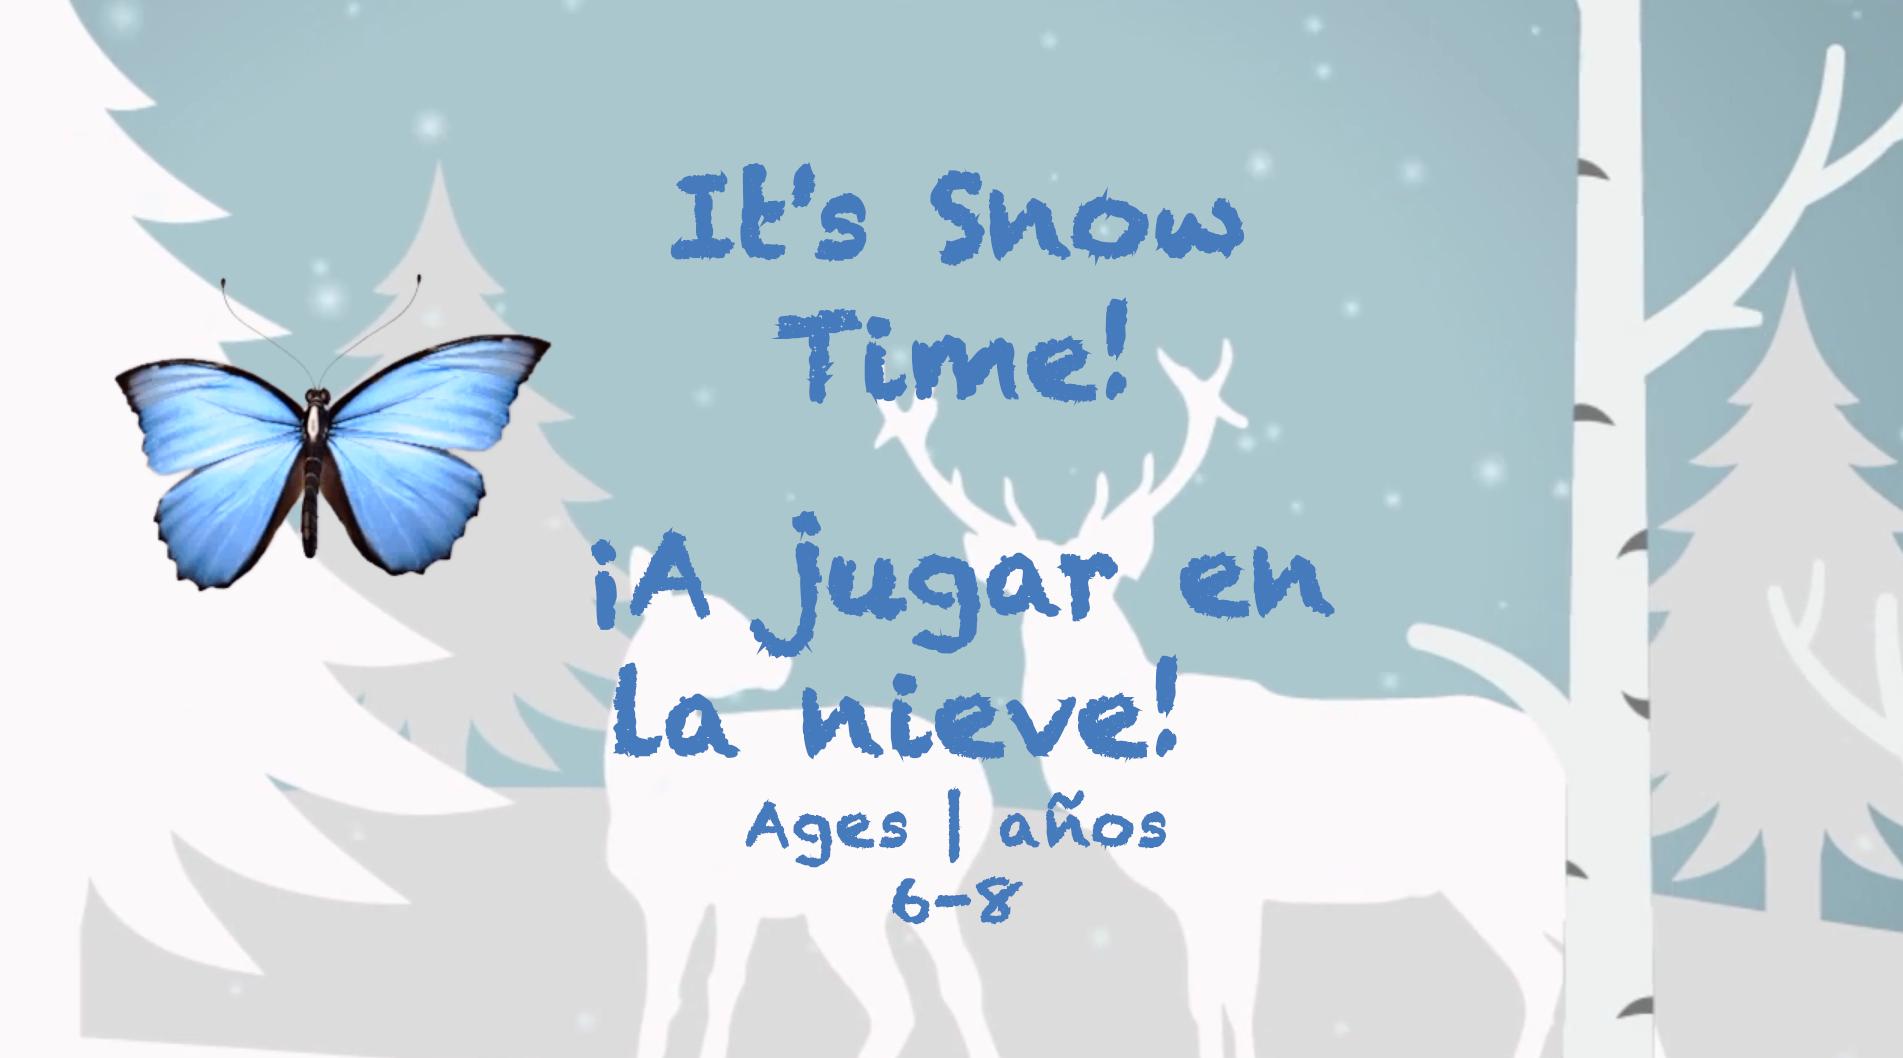 Temas semanales #23 ¡Es hora de la nieve! para niños de 6 a 8 años